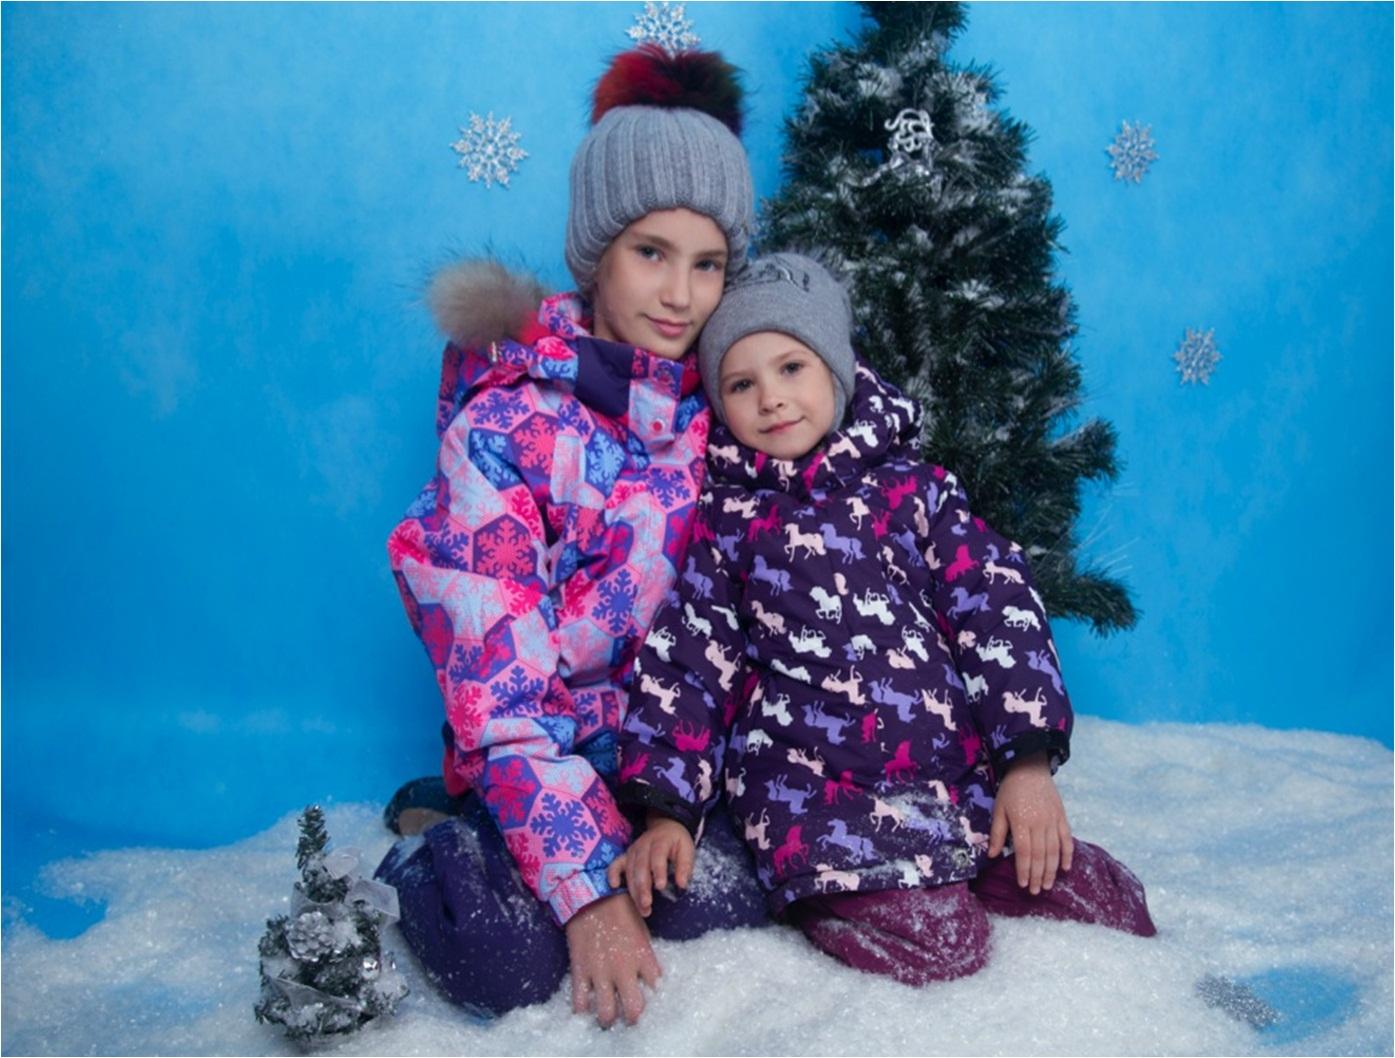 Верхняя одежда для детей. ARI100. Зимняя коллекция+шапки, а также демисезон! Много моделей 2в1, с подстежками, жилетками и шарфиками! Рост 68-164. Без рядов-8